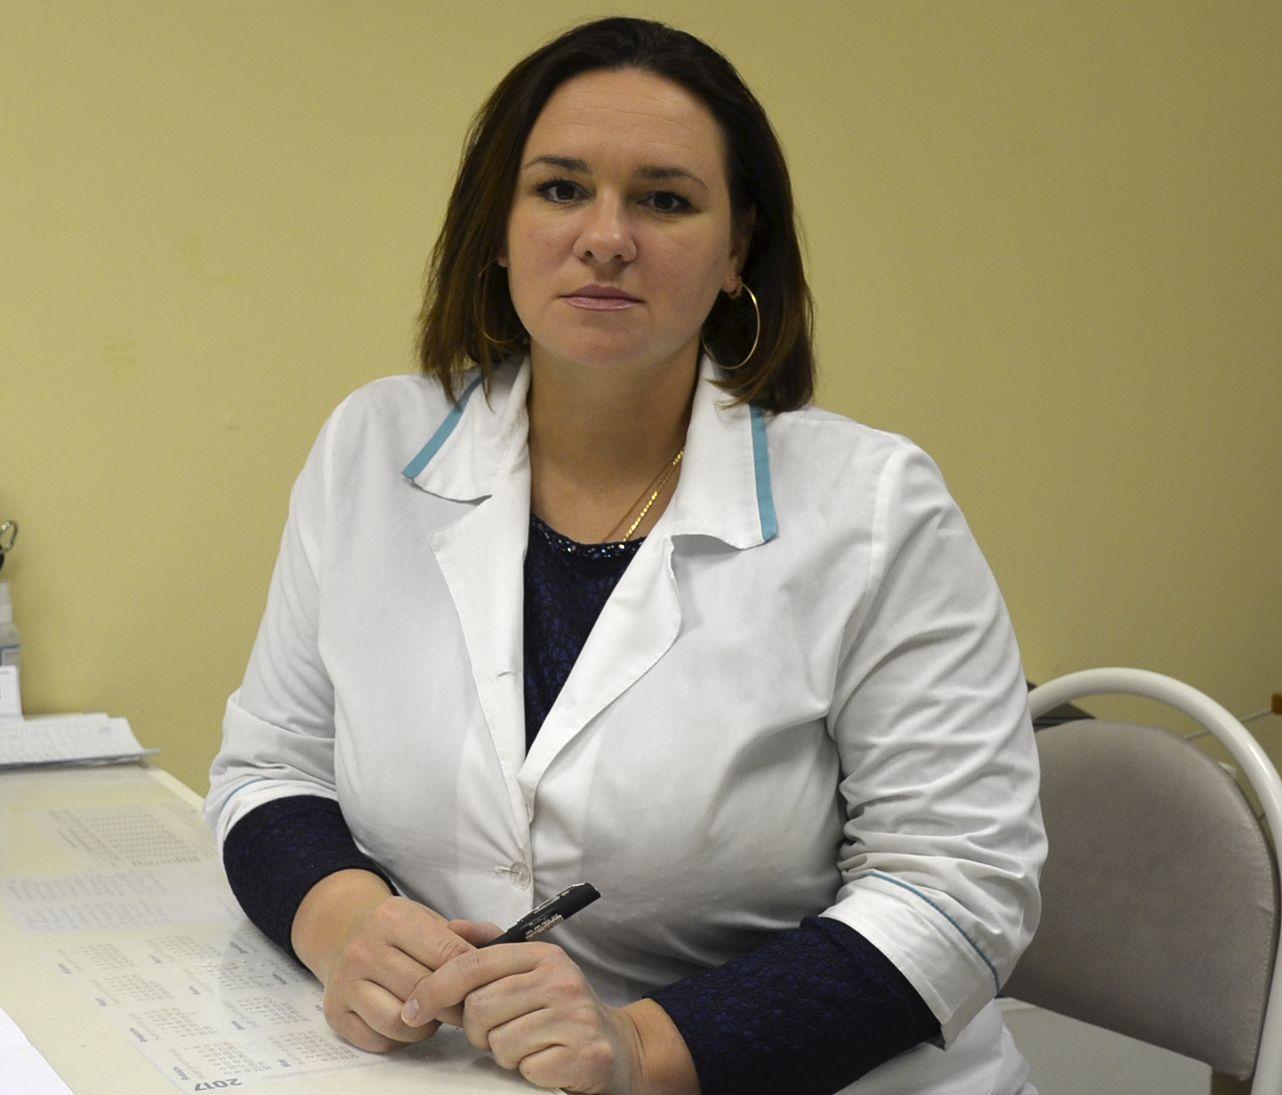 Анна Зайцева: Оснащение больниц, которое продолжается и в этом году, крайне важно и значимо, особенно в районах